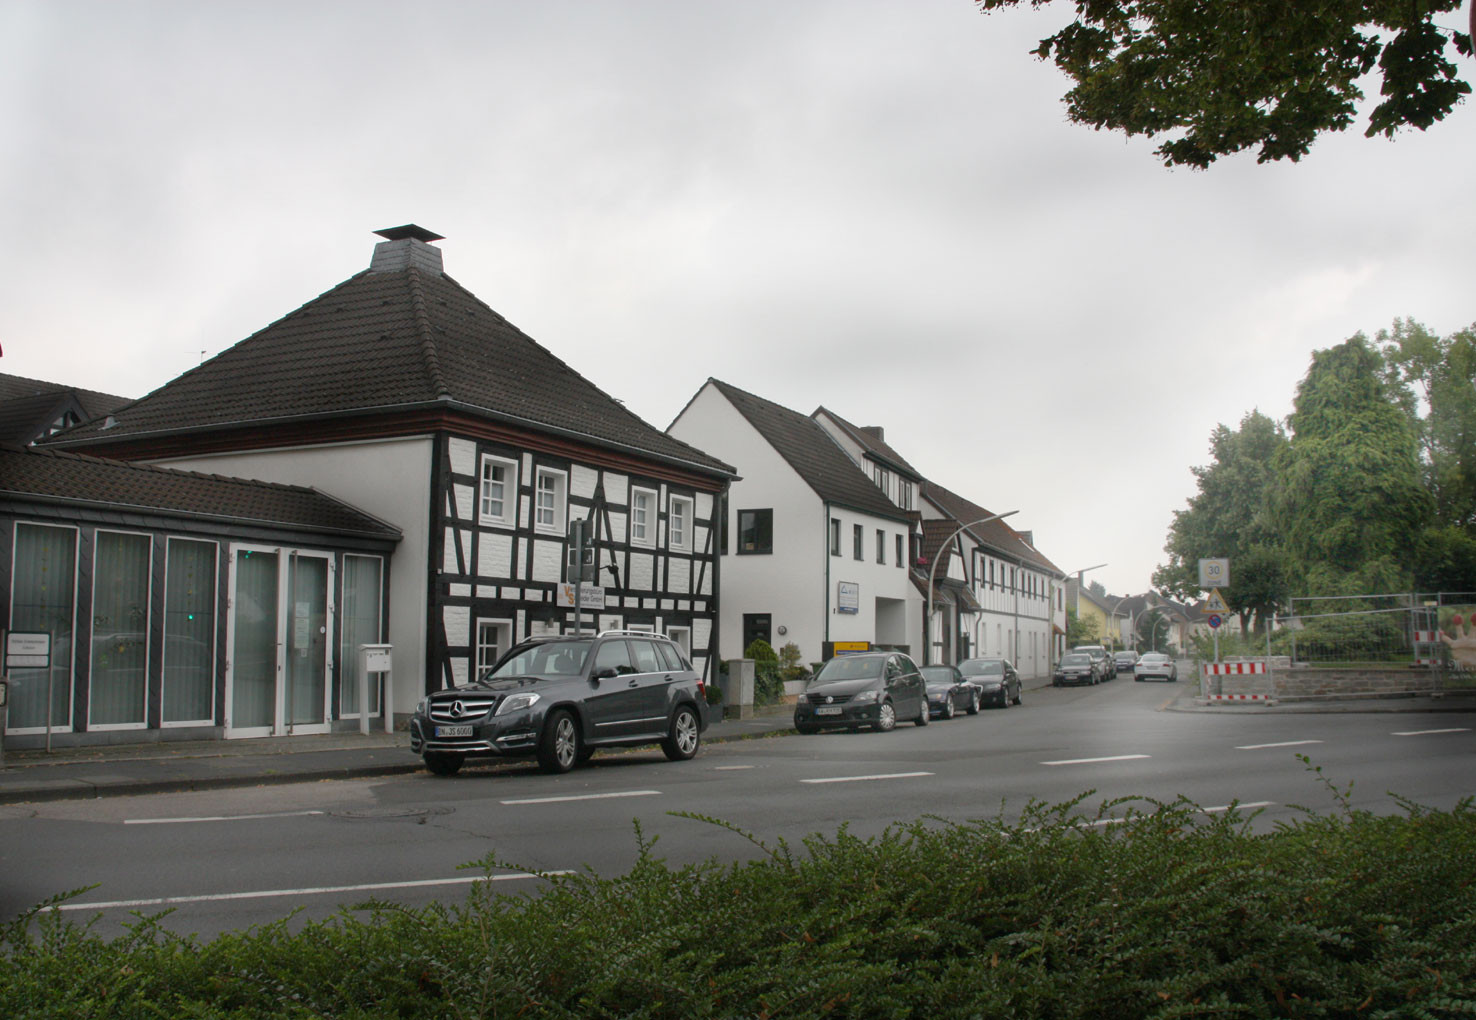 Blick in die Dorfstr. mit ihren Fachwerkhäusern